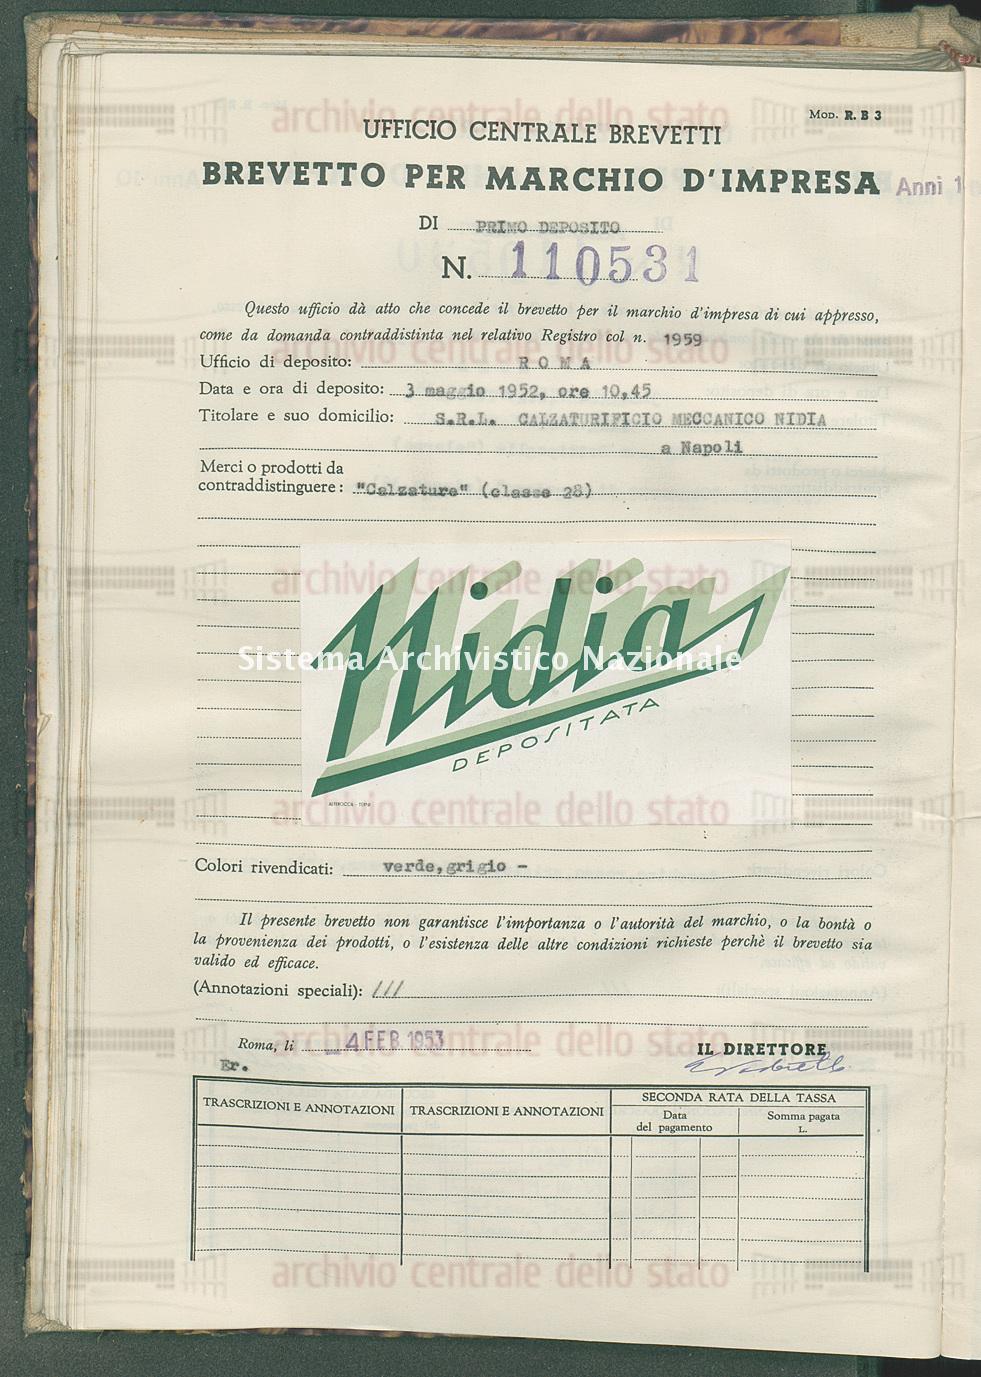 'Calzature' S.R.L. Calzaturificio Meccanico Nidia (04/02/1953)